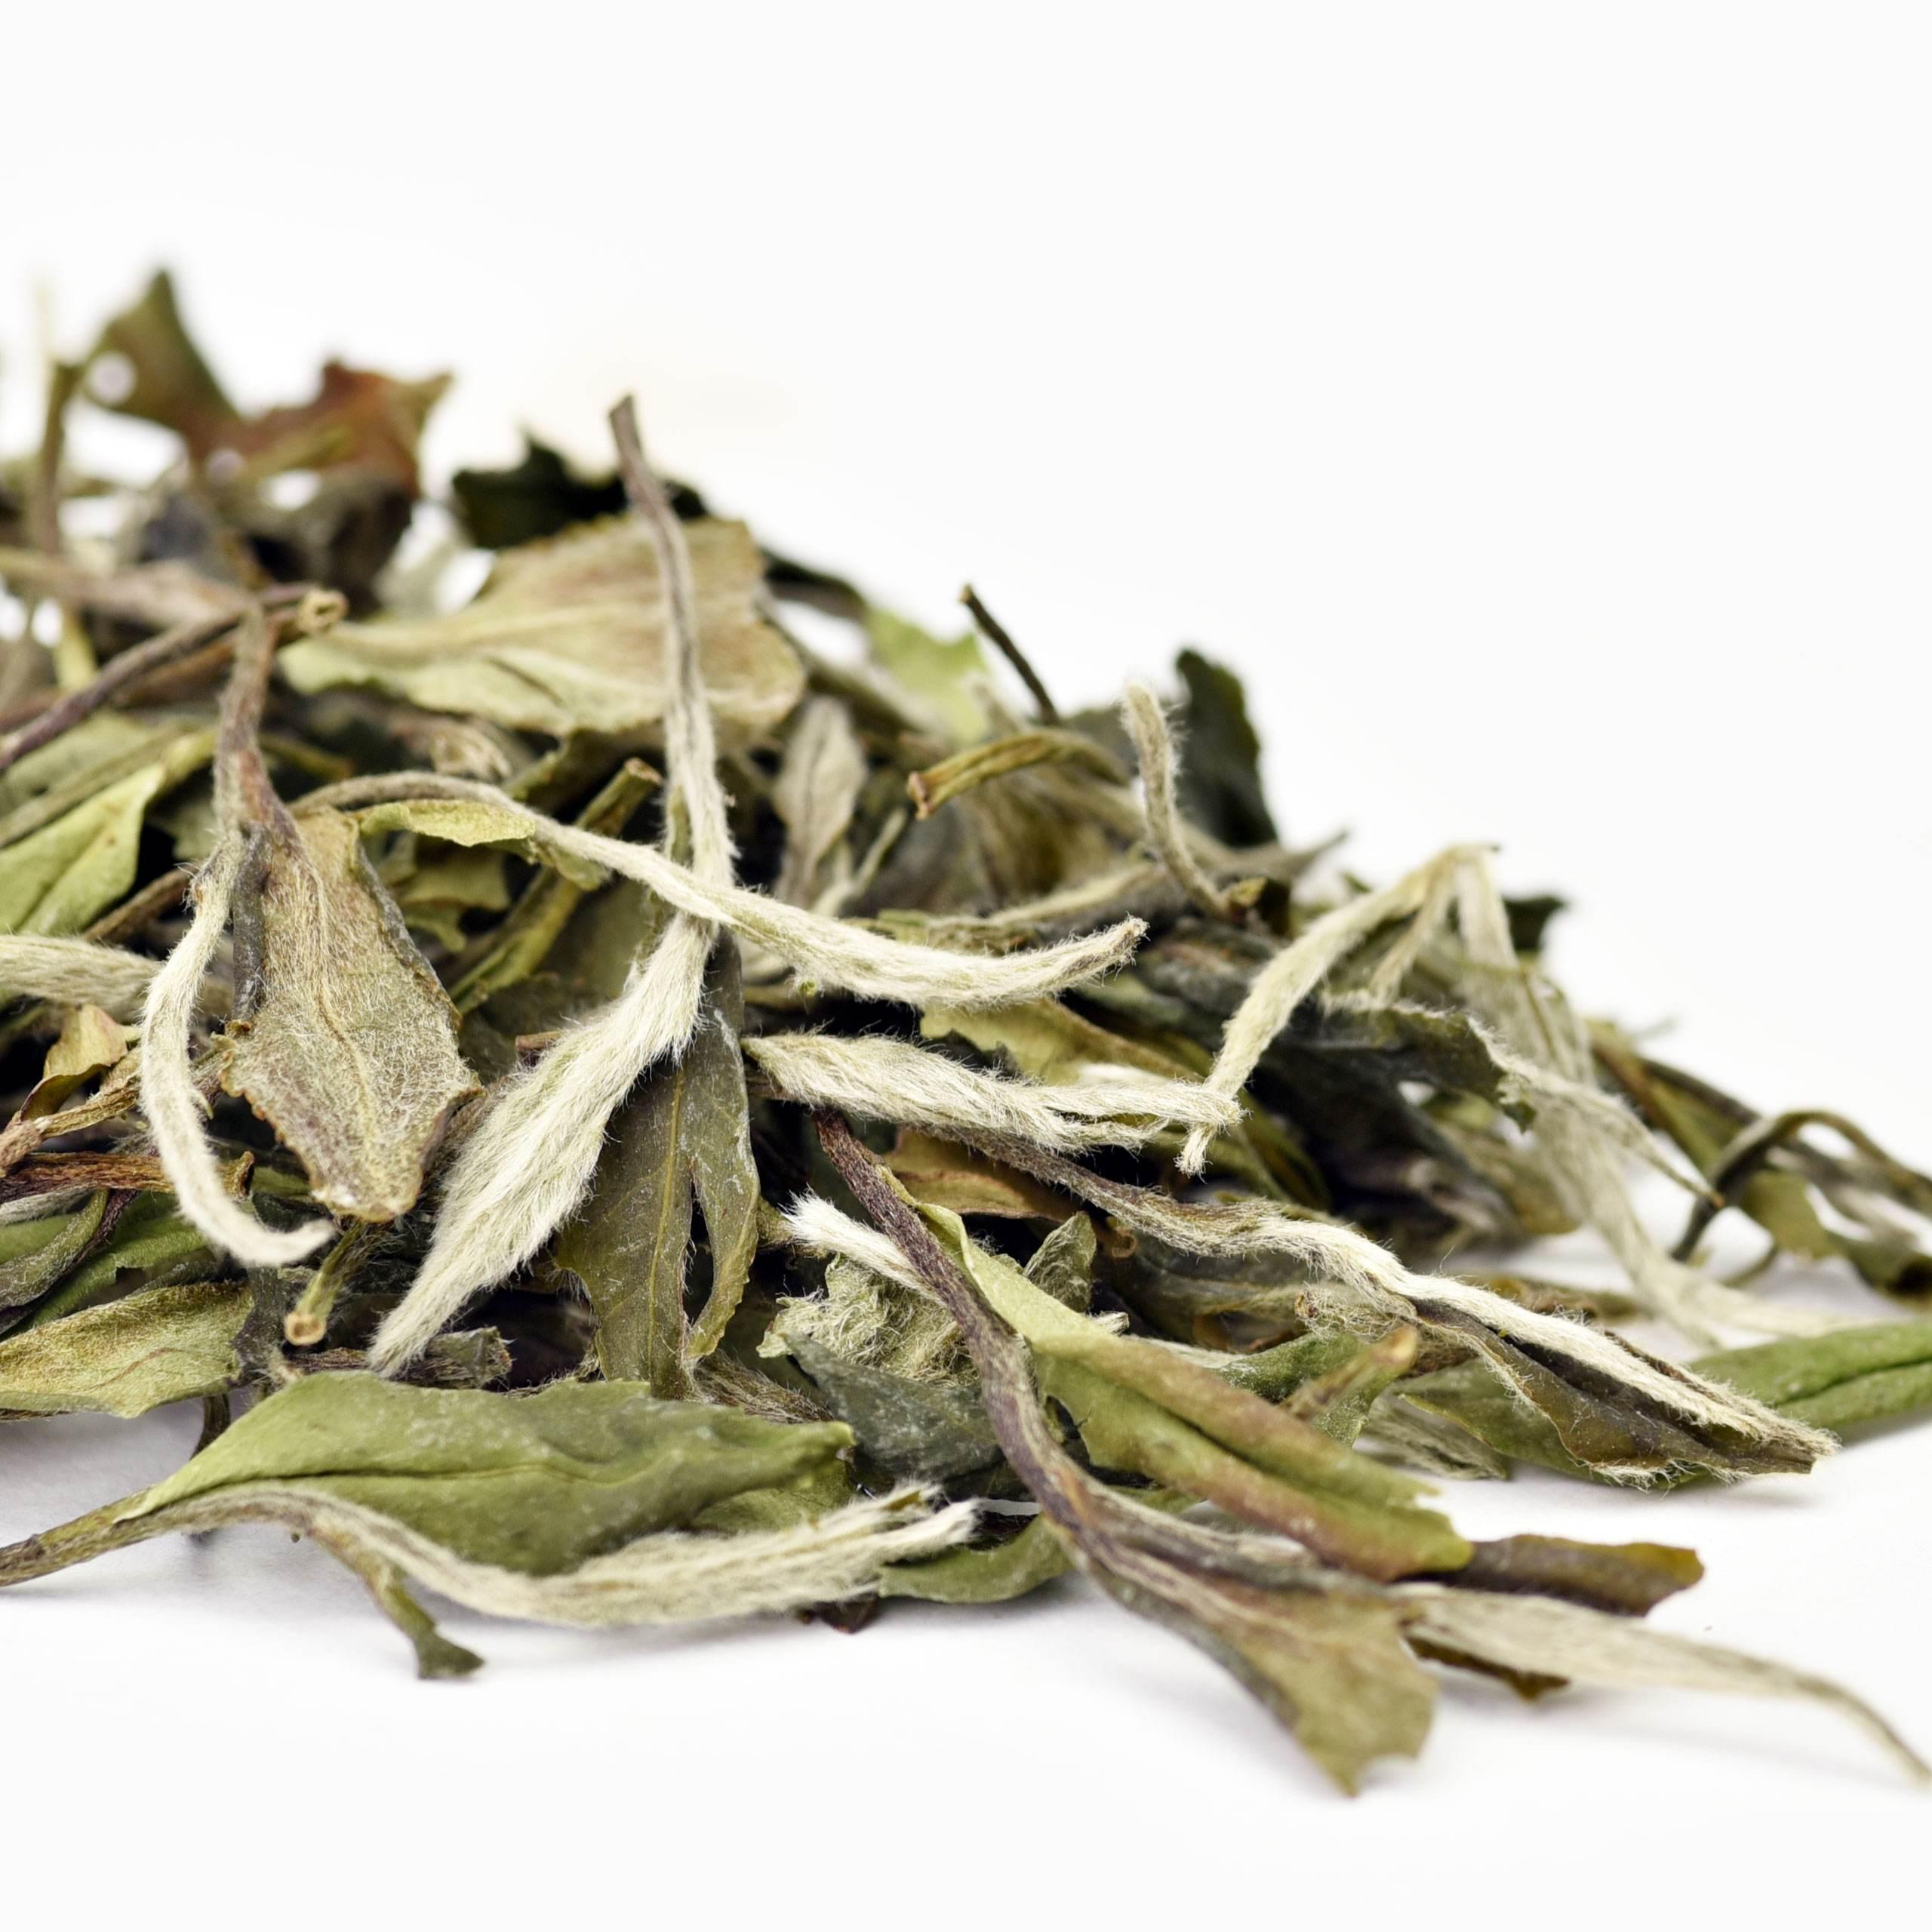 Mutan White Tea Organic Loose leaf tea White Peony - 4uTea | 4uTea.com